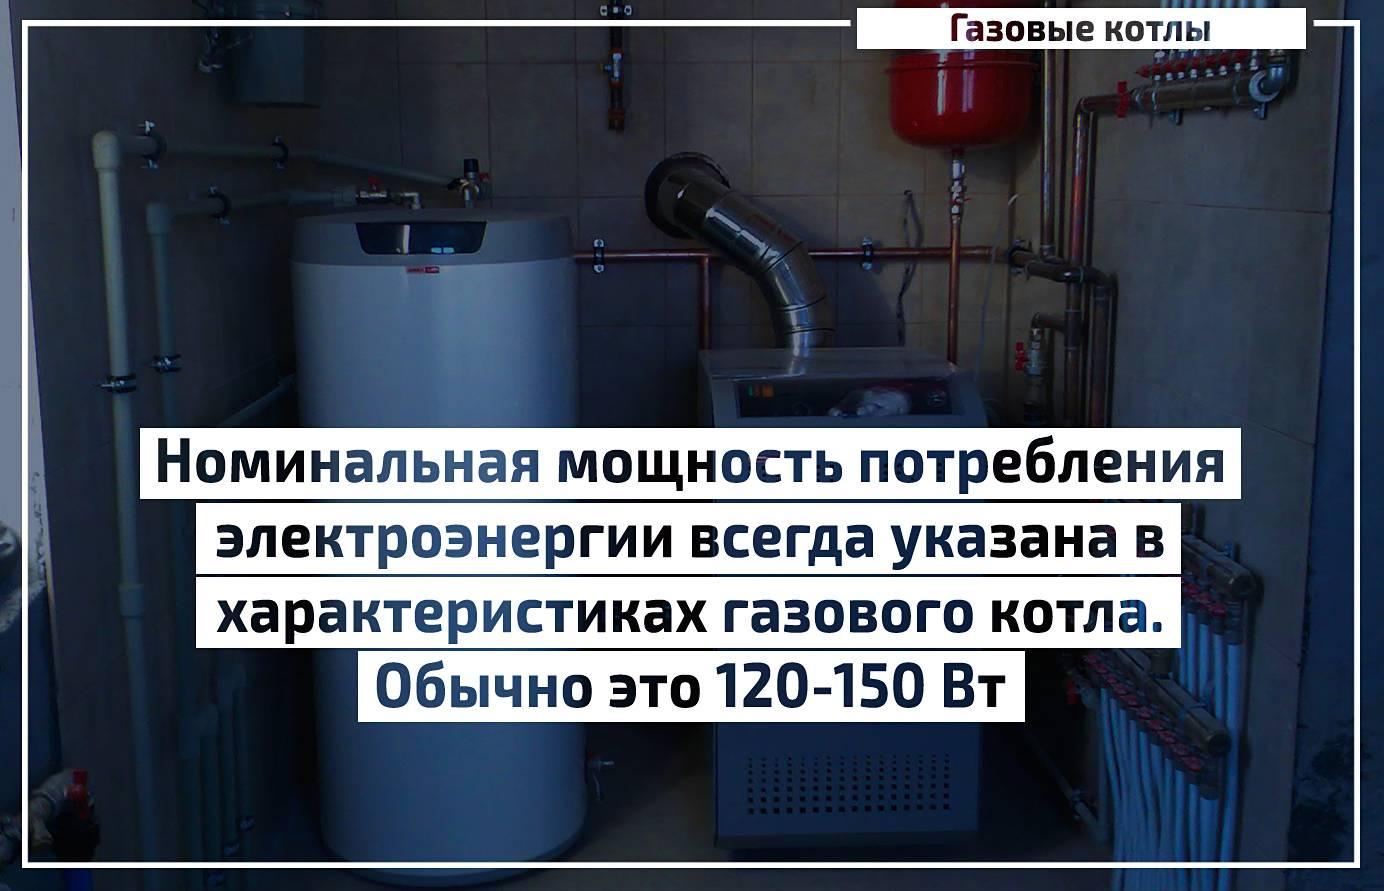 Как уменьшить большой расход газа котлом на отопление дома